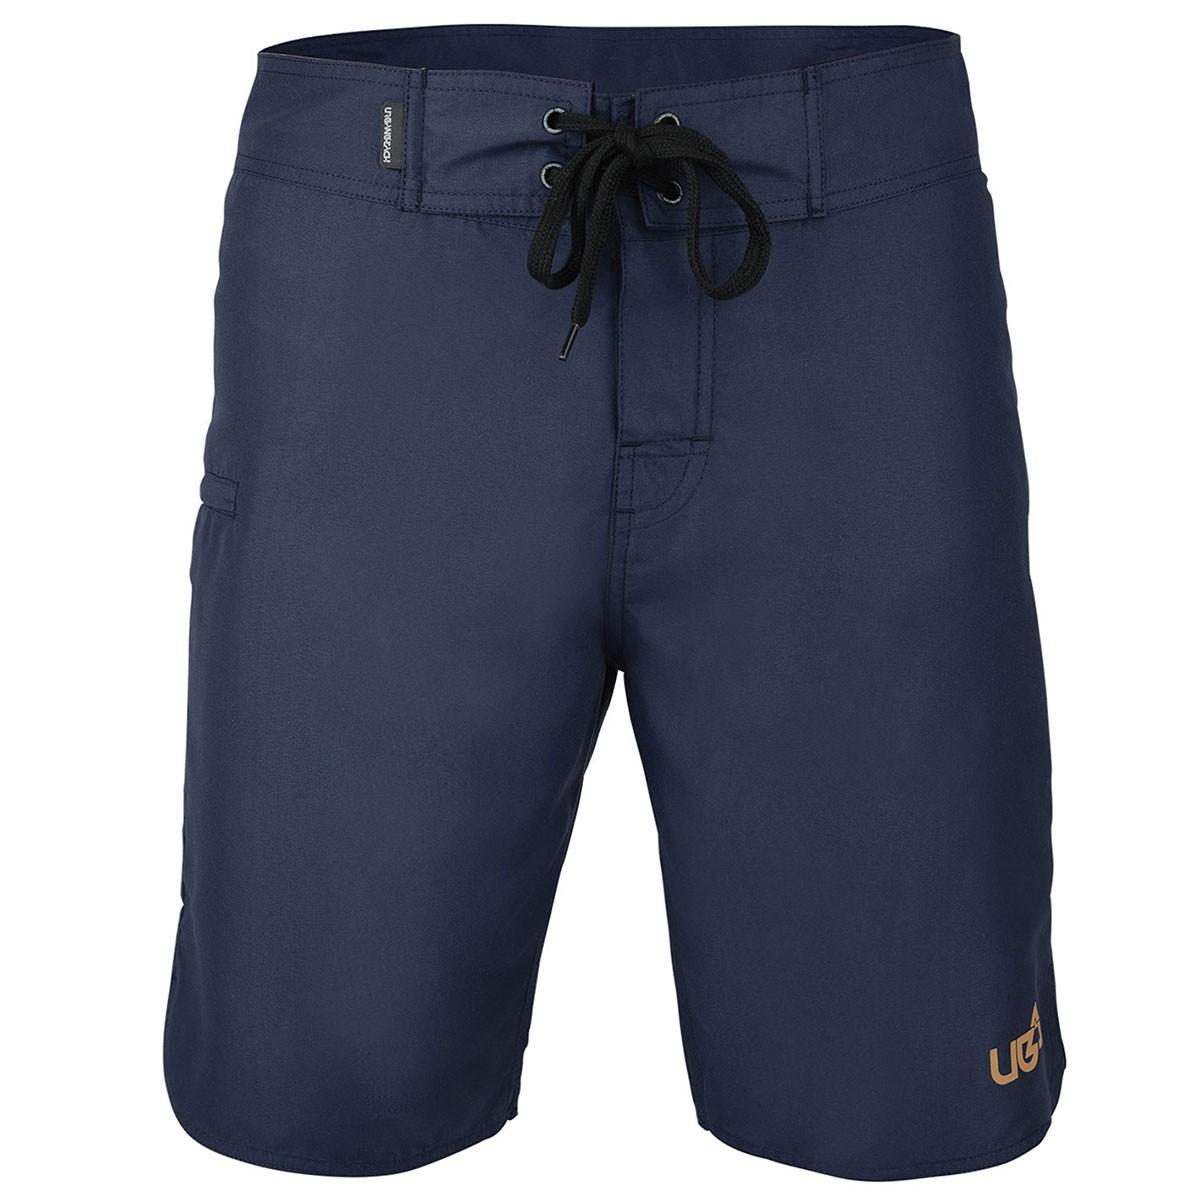 Mens Jaws Board Shorts - Navy